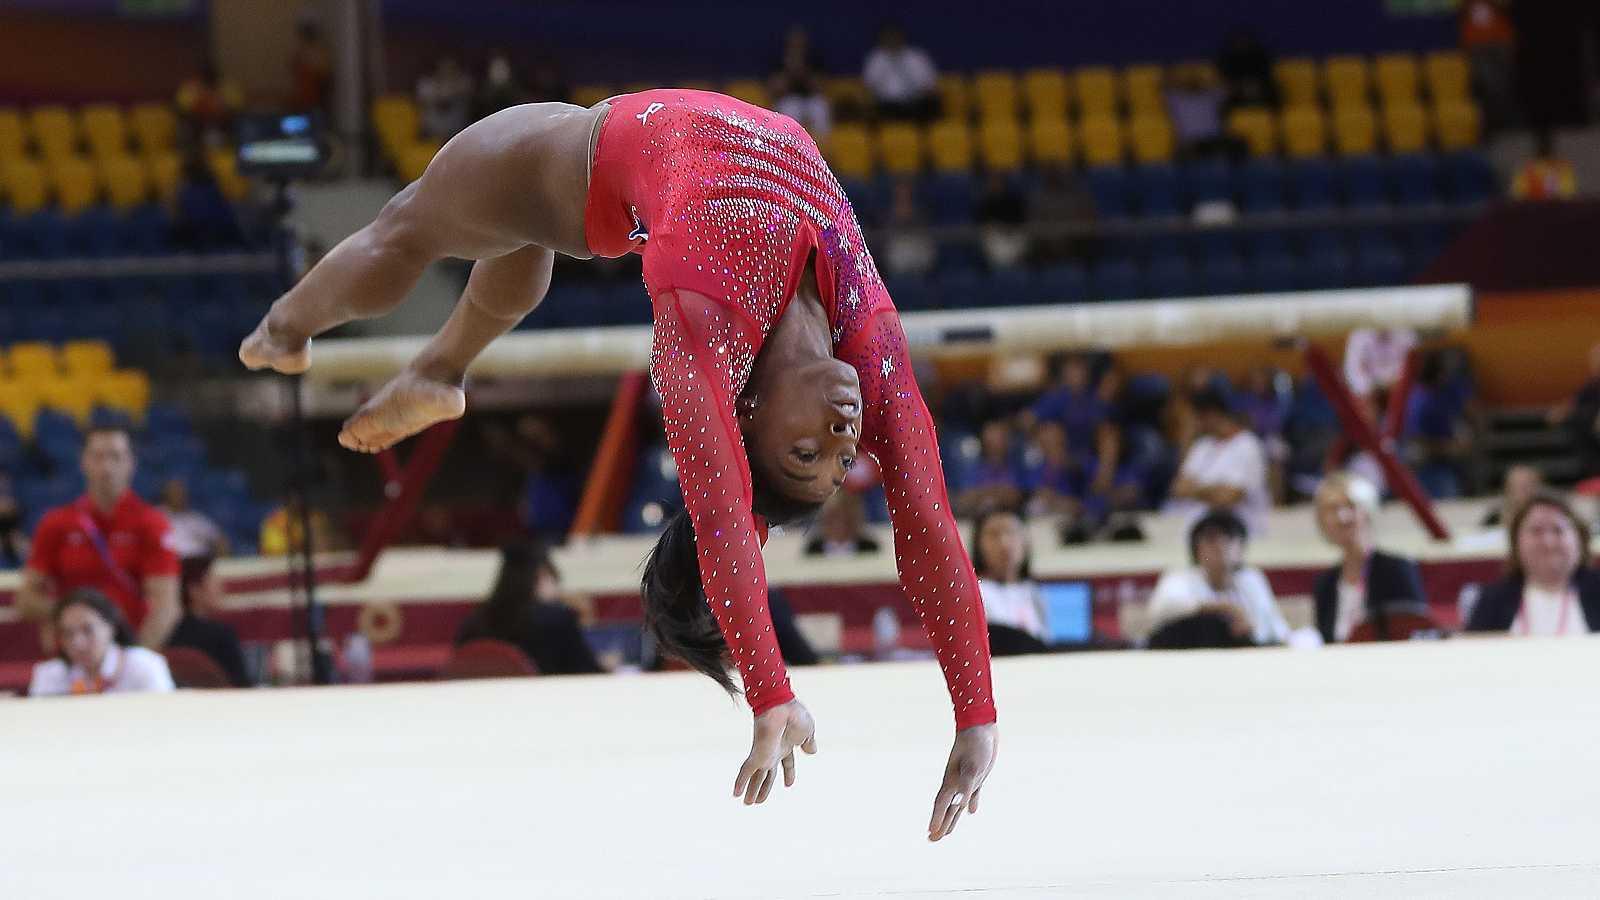 La gimnasta estadounidense Simone Biles se proclamó este martes campeona del mundo por equipos con Estados Unidos. La sensación de Río 2016 no competía desde los Juegos y ha vuelto al máximo nivel.